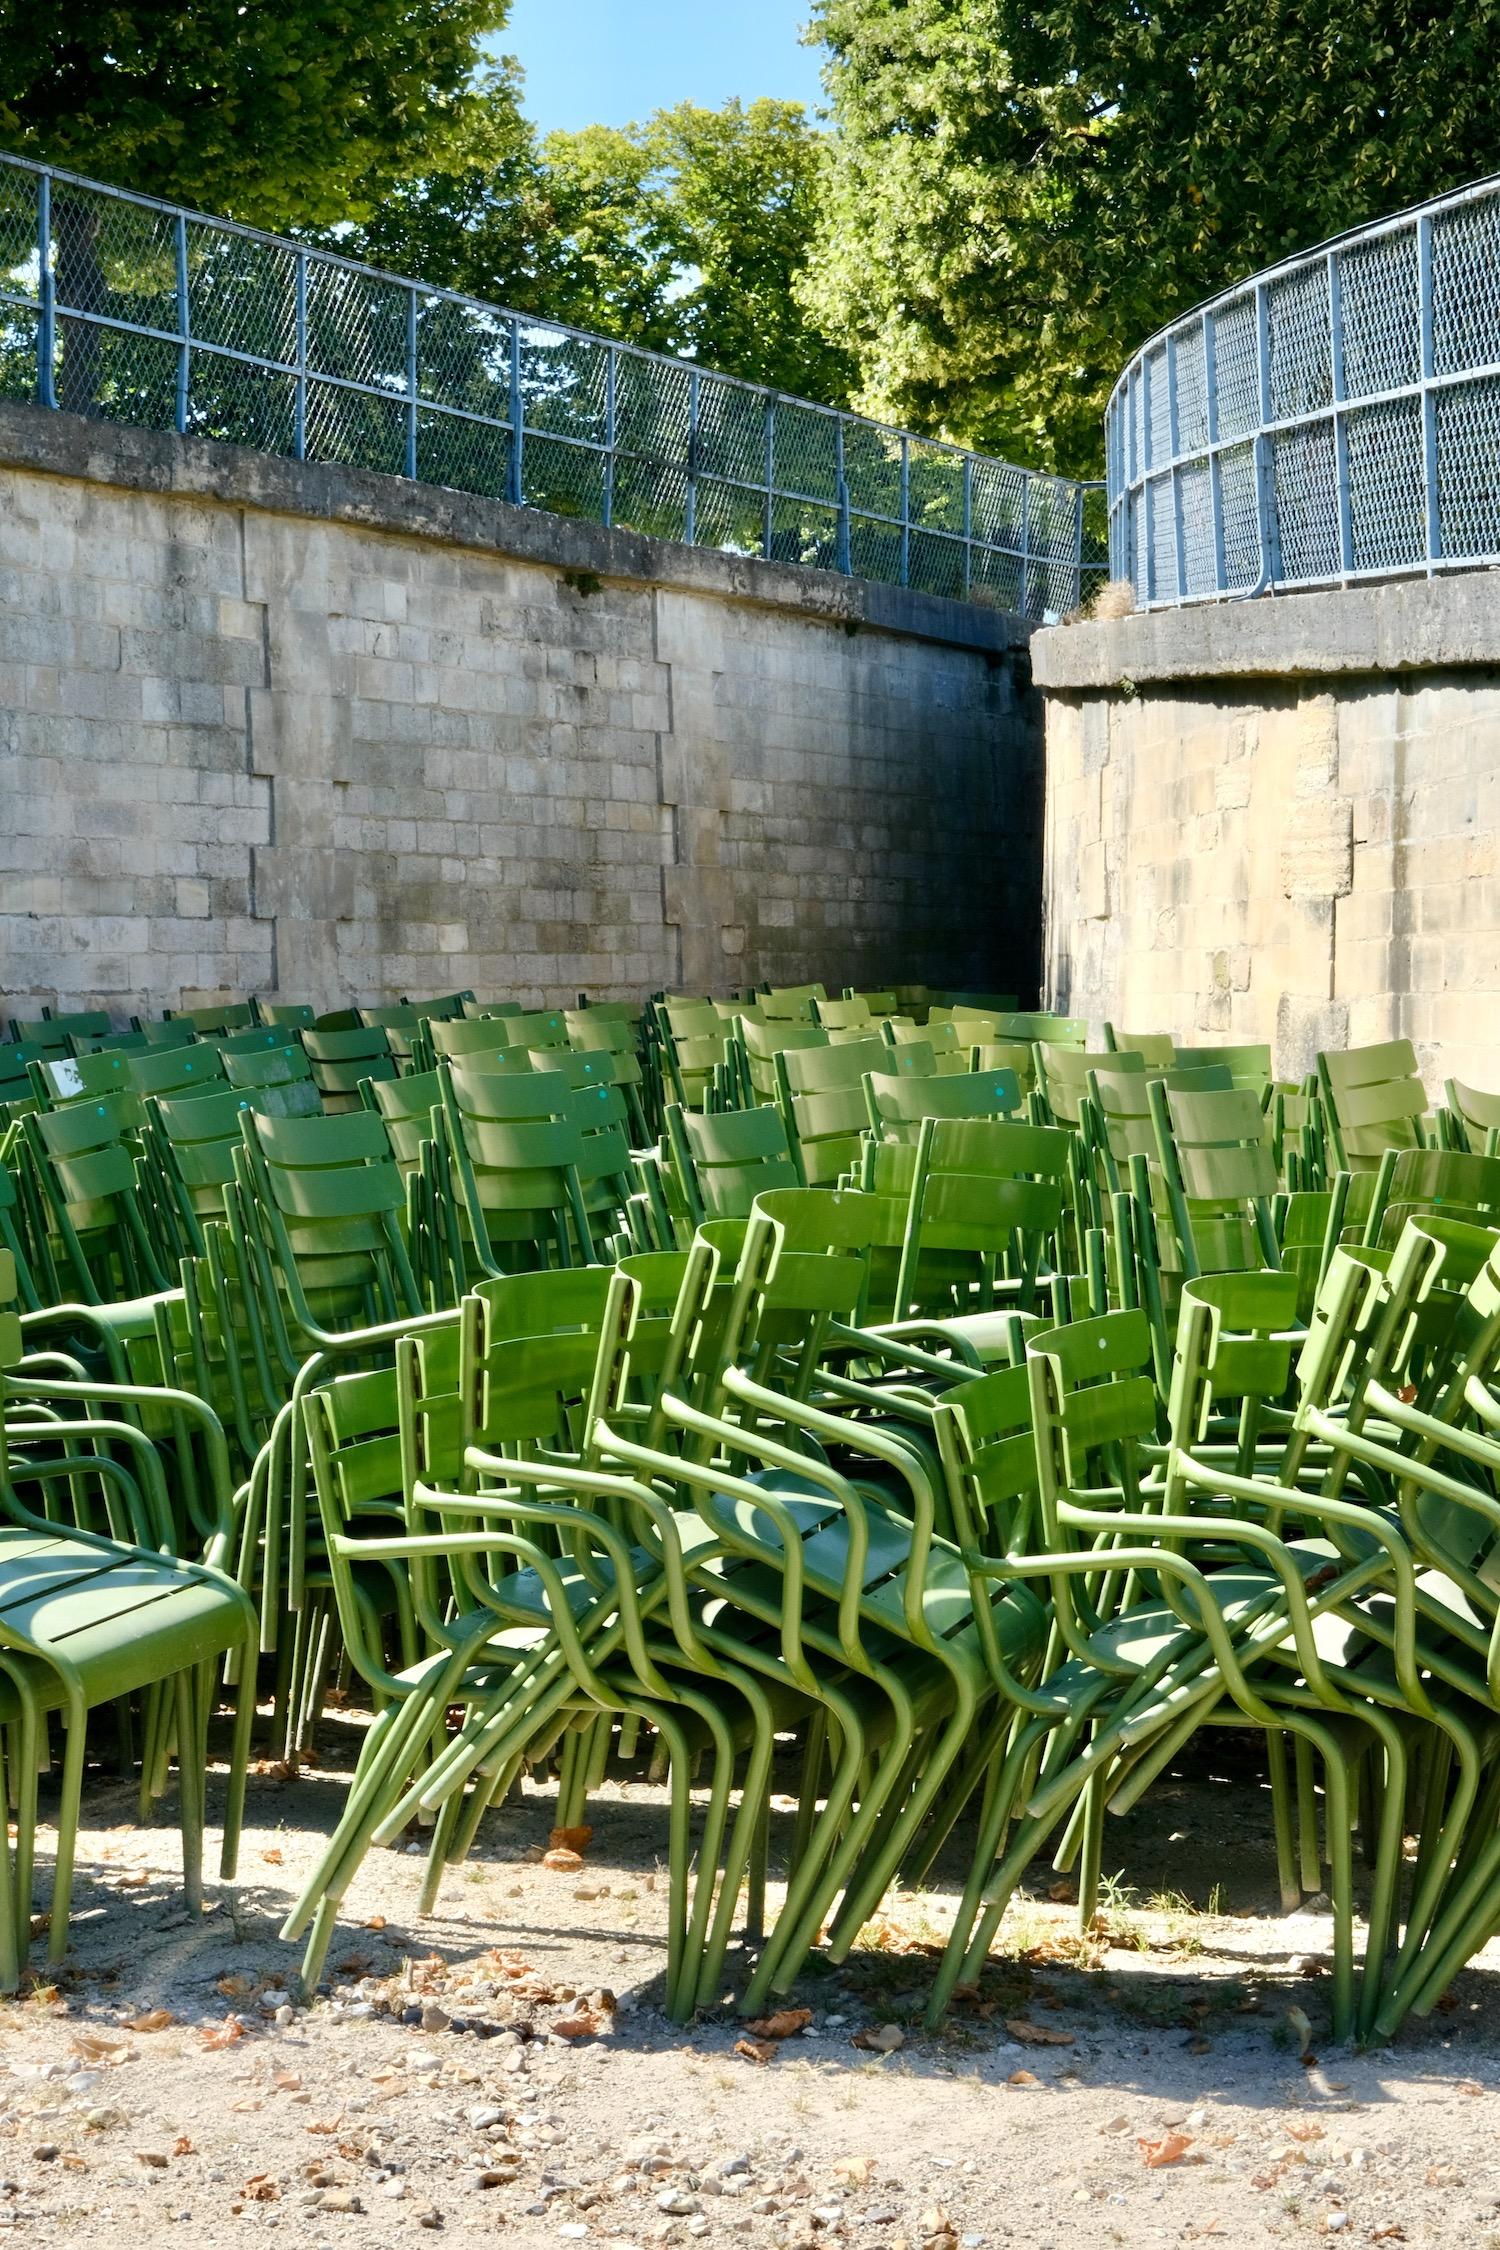 Paris green chairs